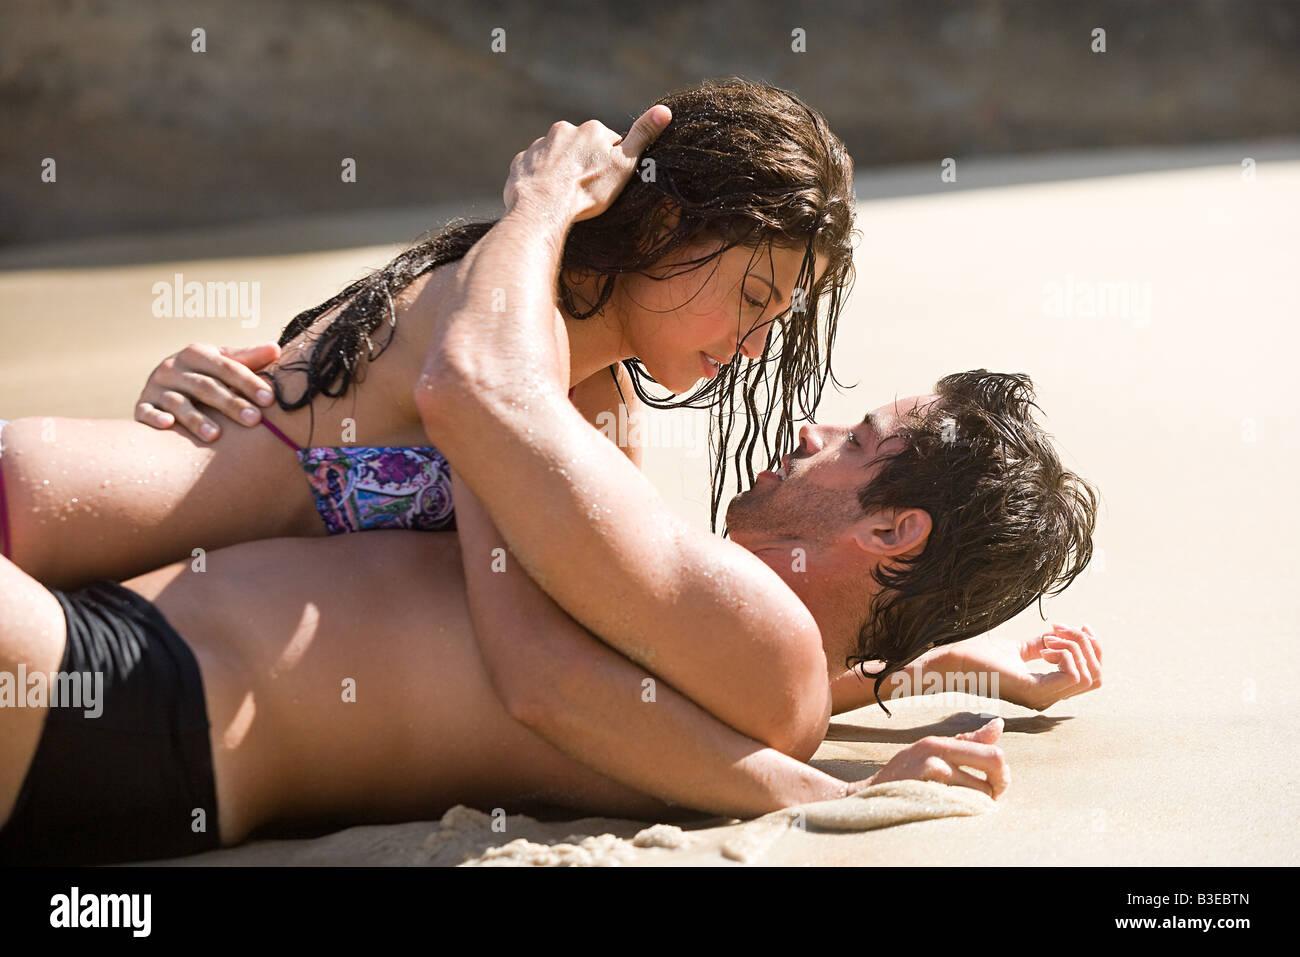 Intime paar am Strand liegen Stockbild